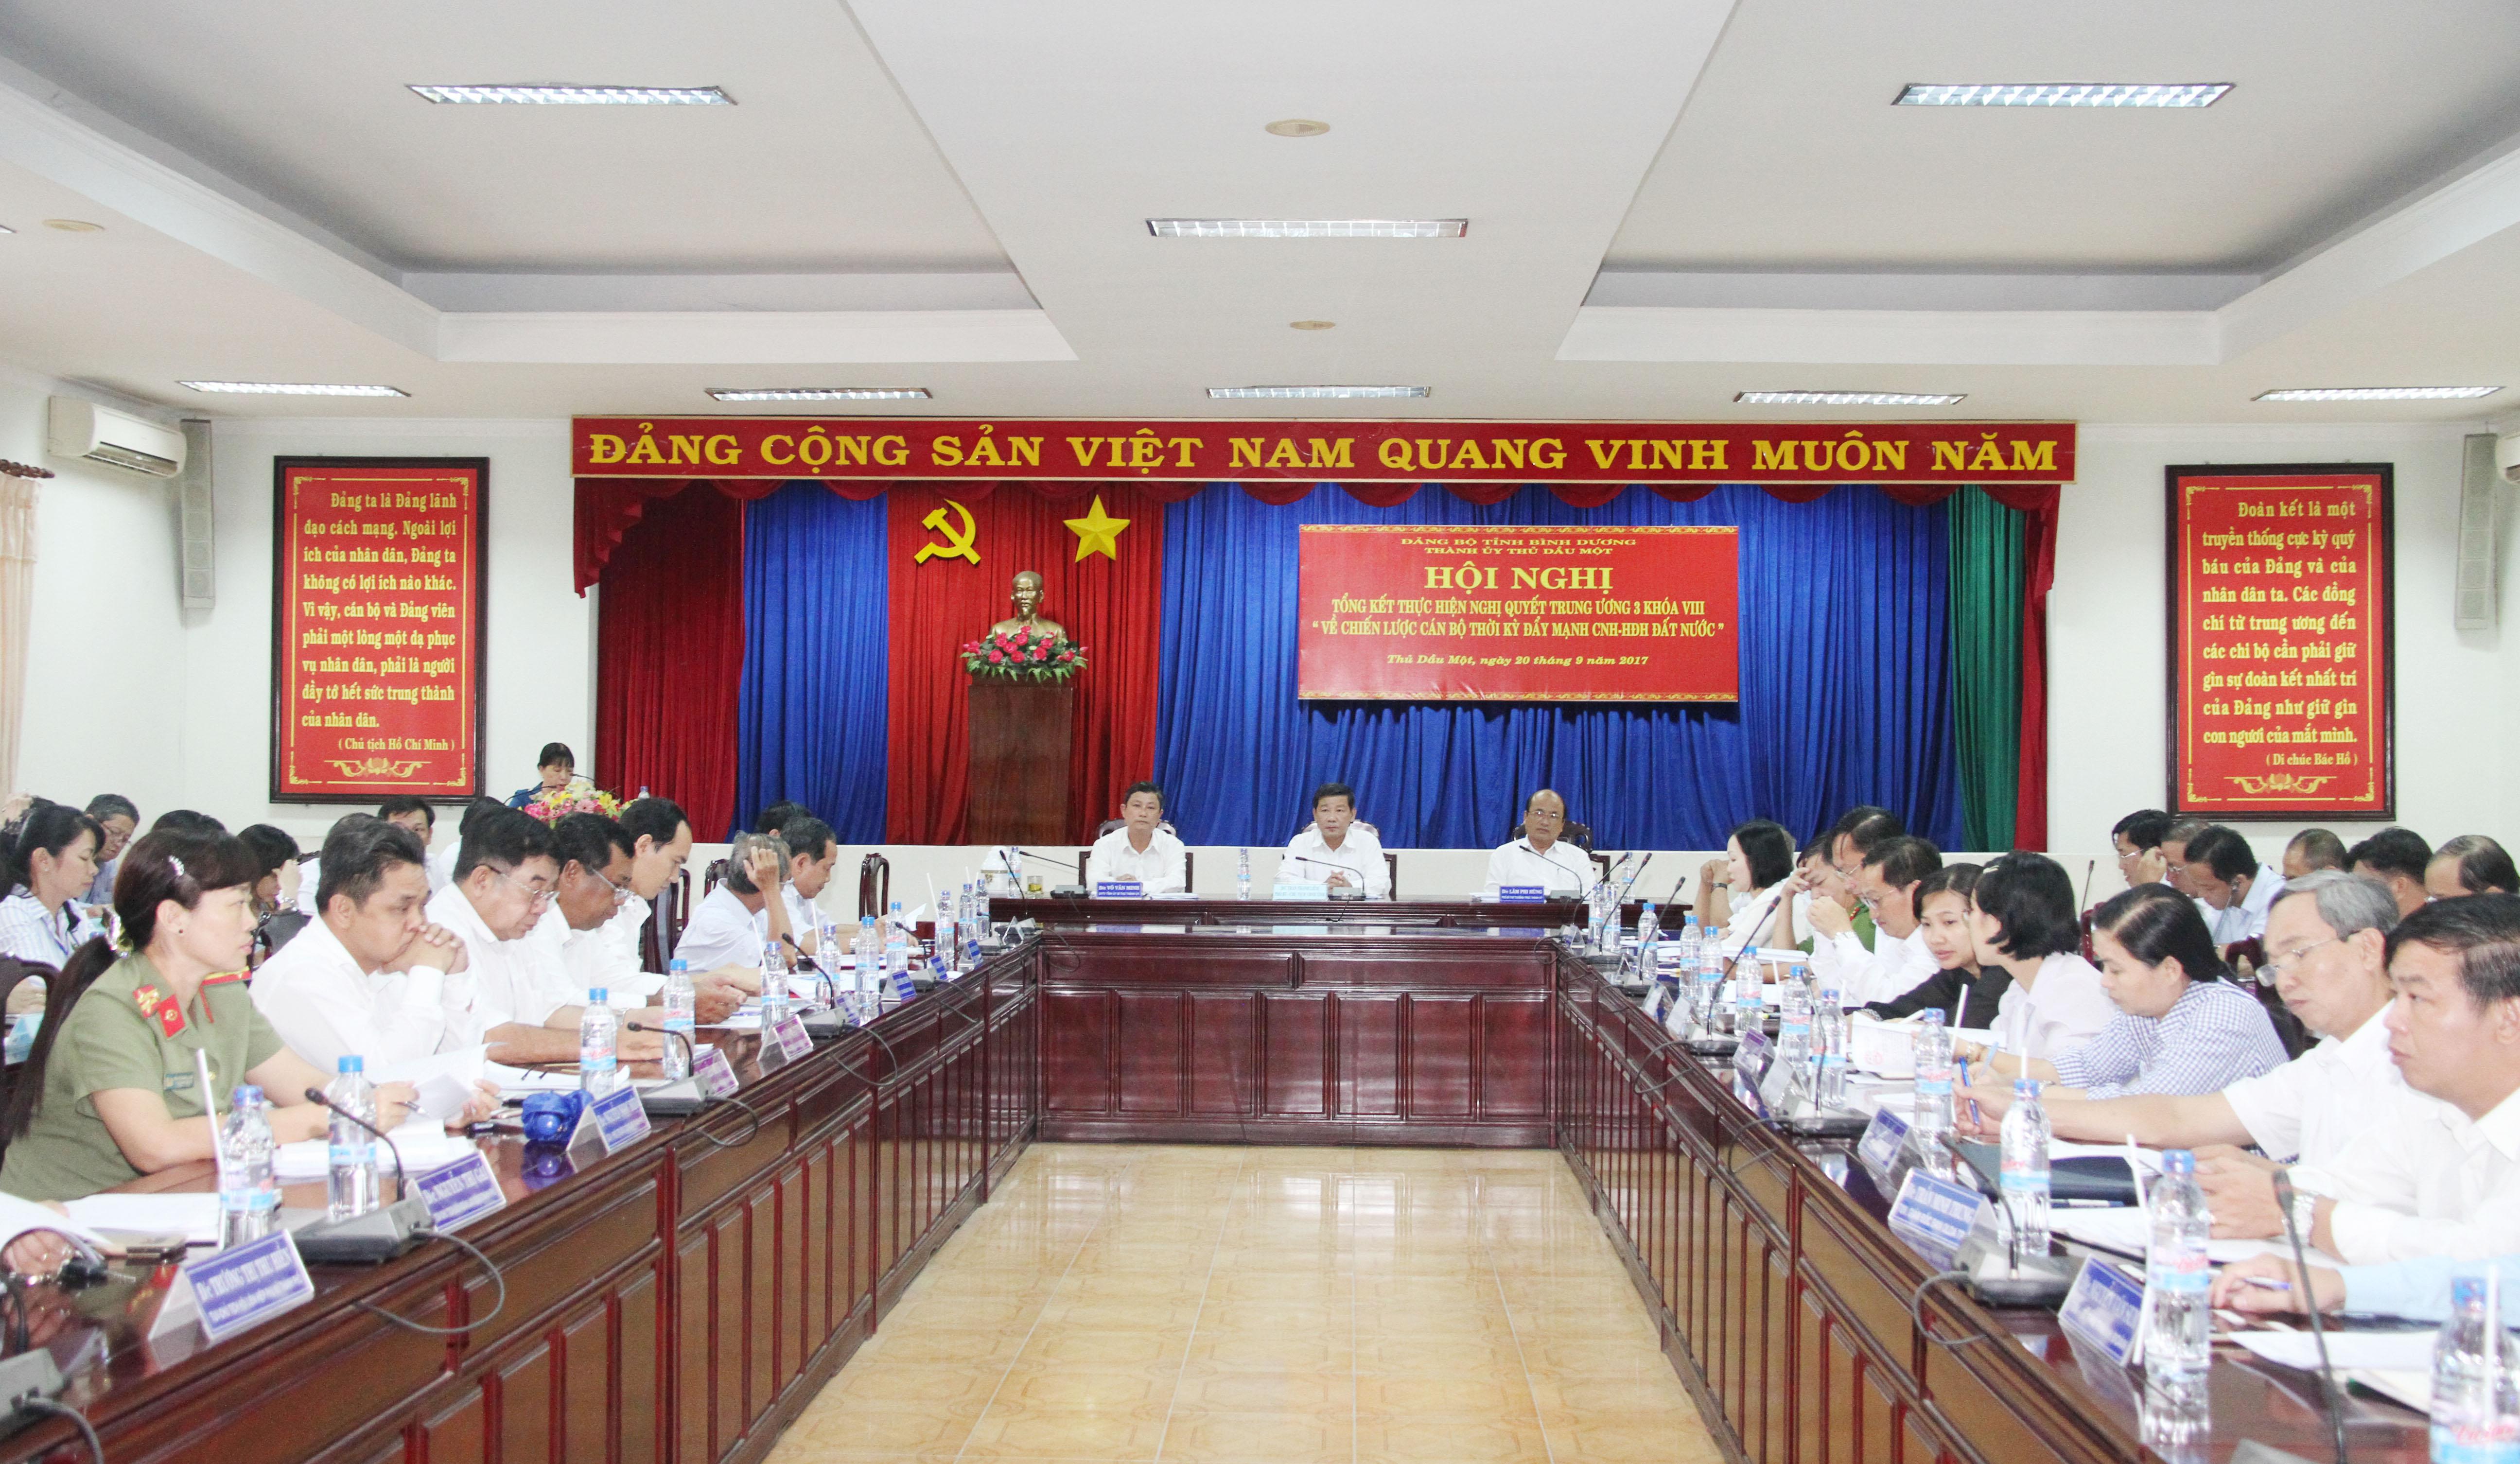 Thành ủy Thủ Dầu Một:Tổng kết thực hiện Nghị quyết Trung ương 3, khóa VIII